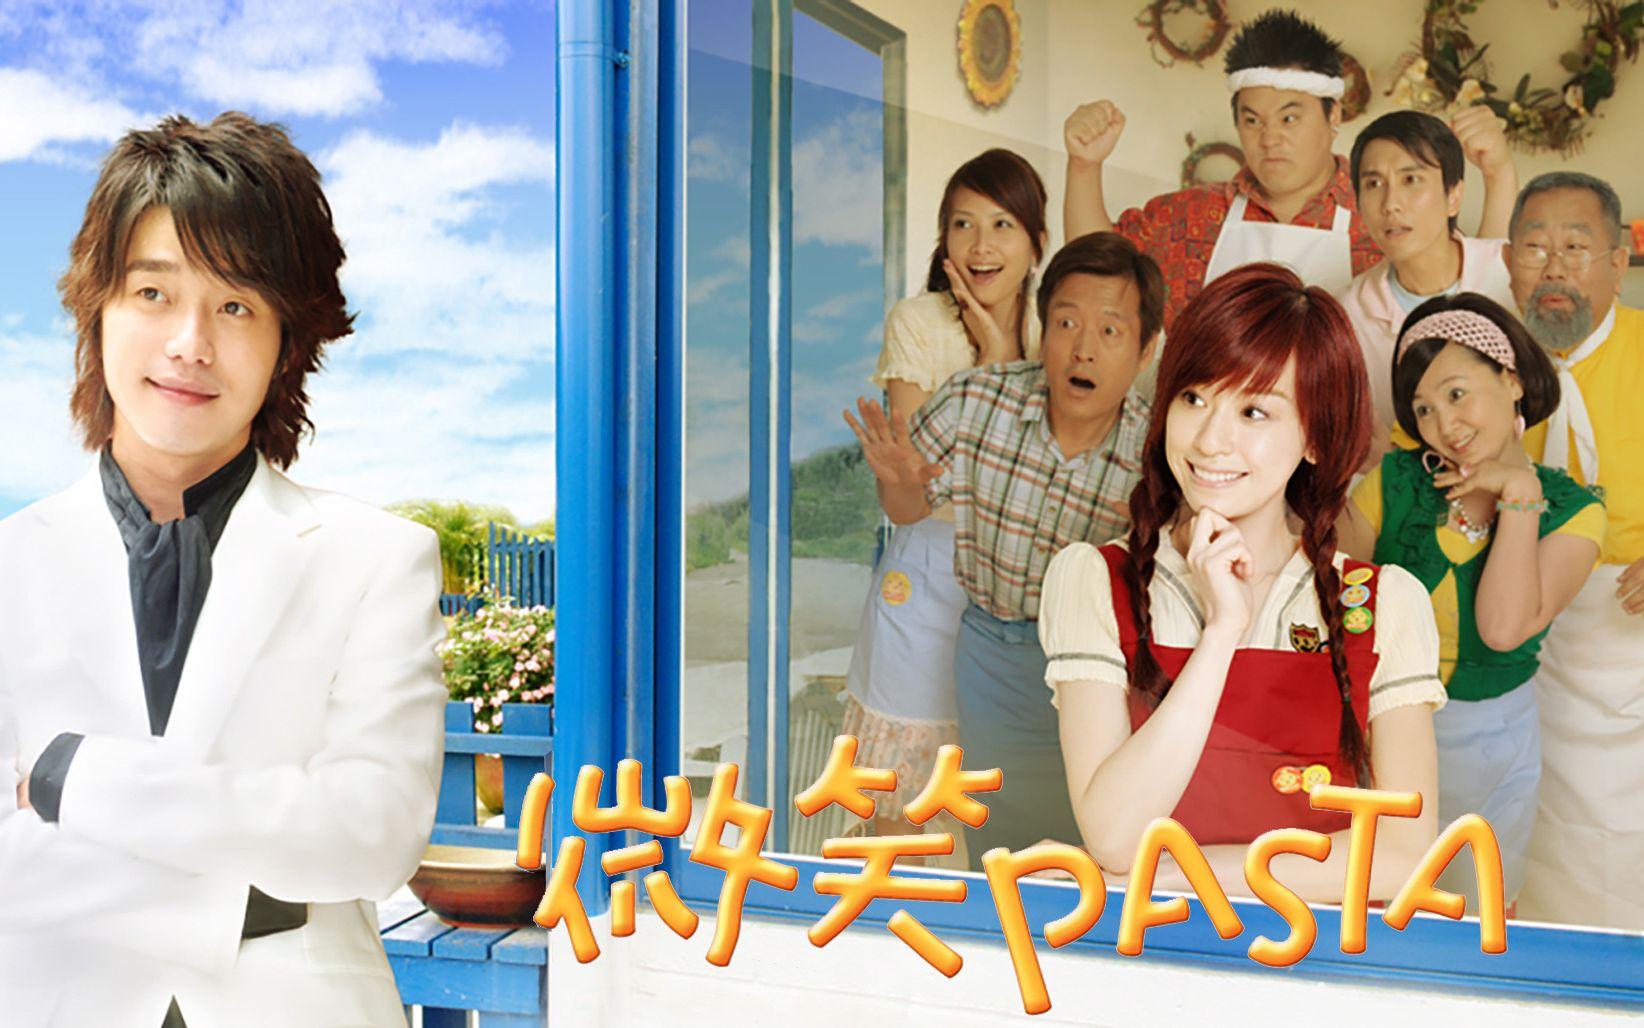 微笑pasta花絮_微笑pasta - 搜索结果 - 哔哩哔哩弹幕视频网 - ( ゜- ゜)つロ 乾杯 ...